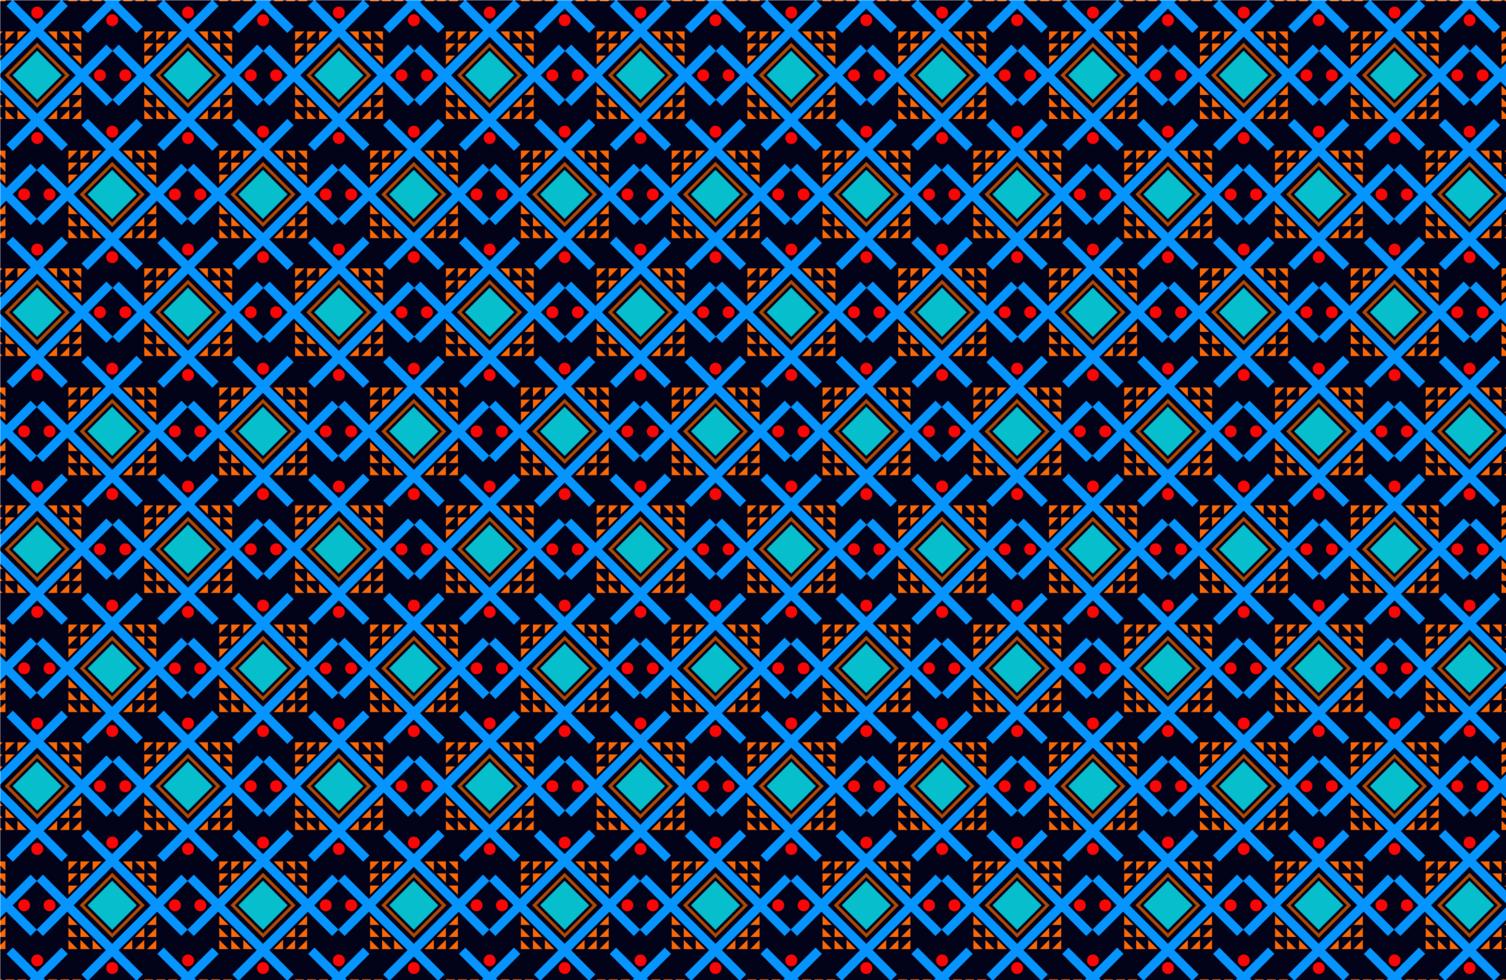 modello di tessuto di forme ribal rosse e blu vettore